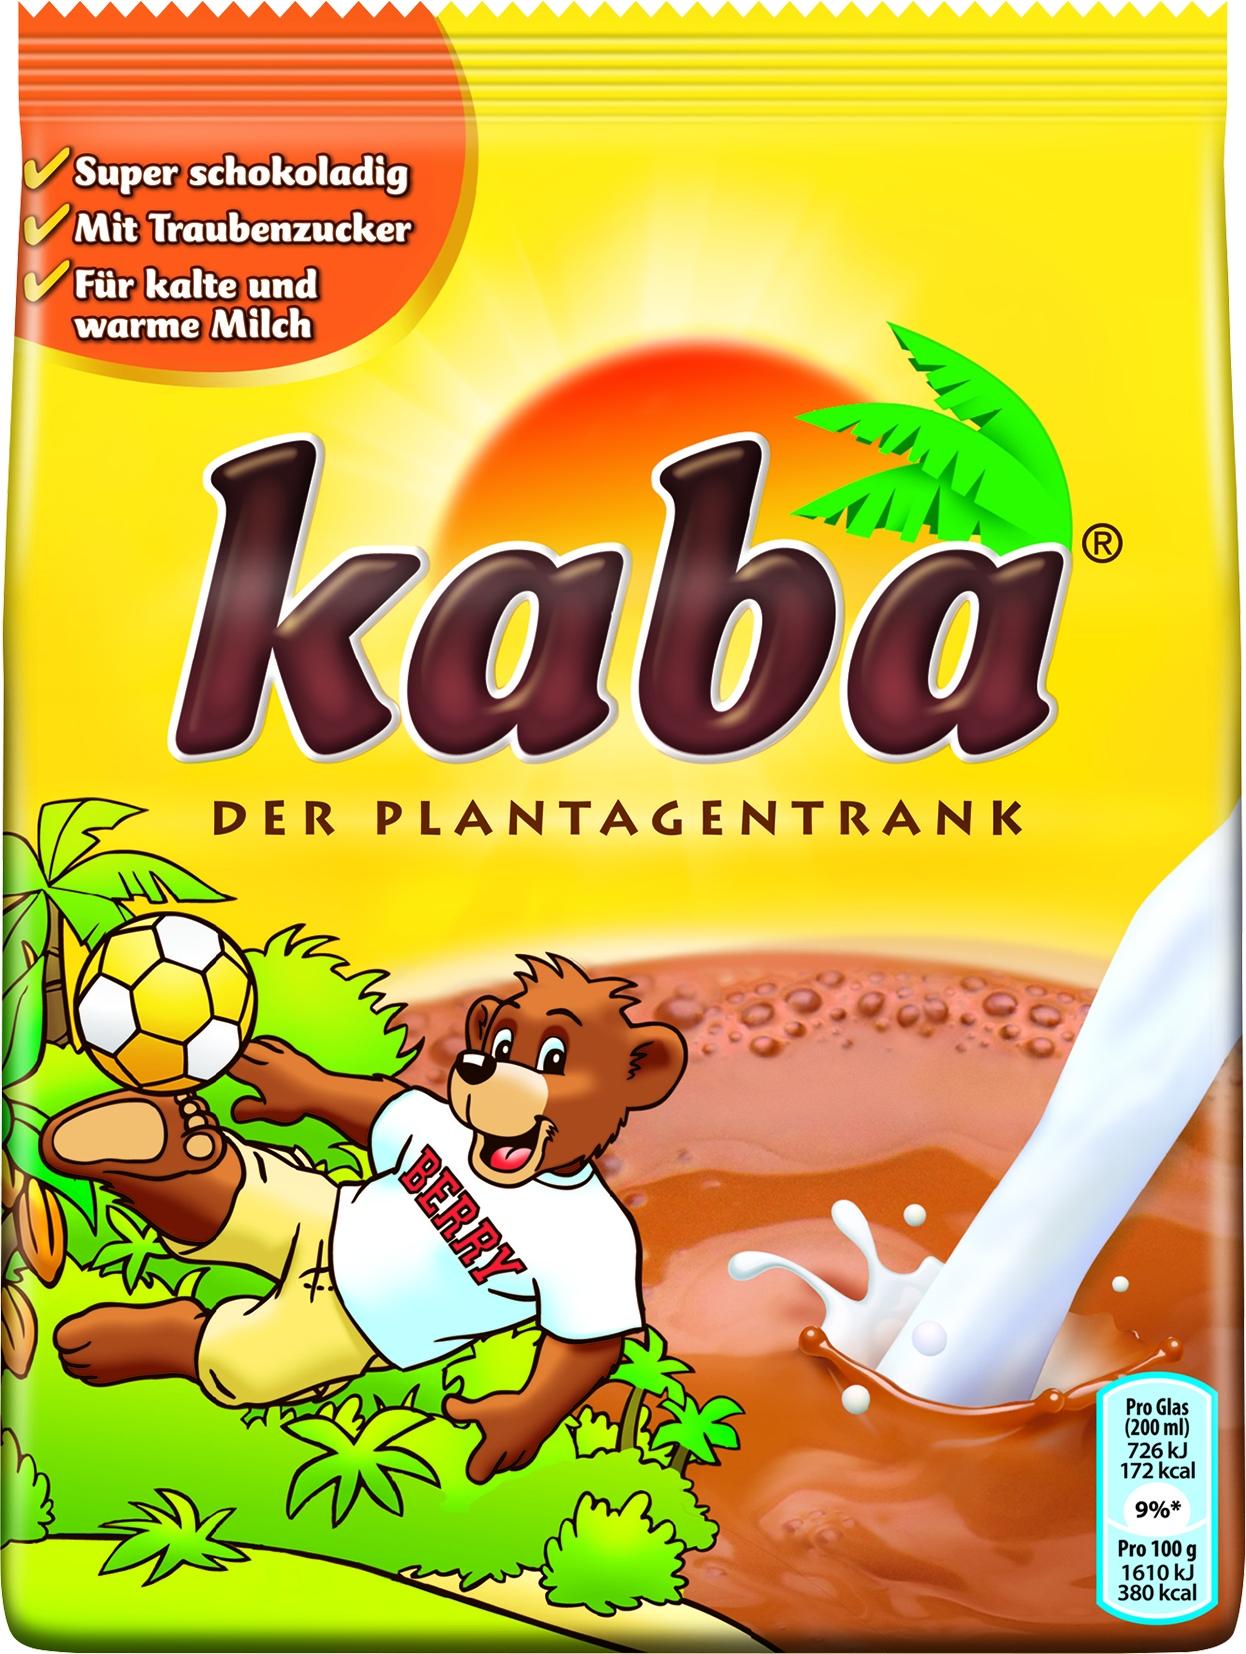 Kakaopulver Nachfuellbeutel